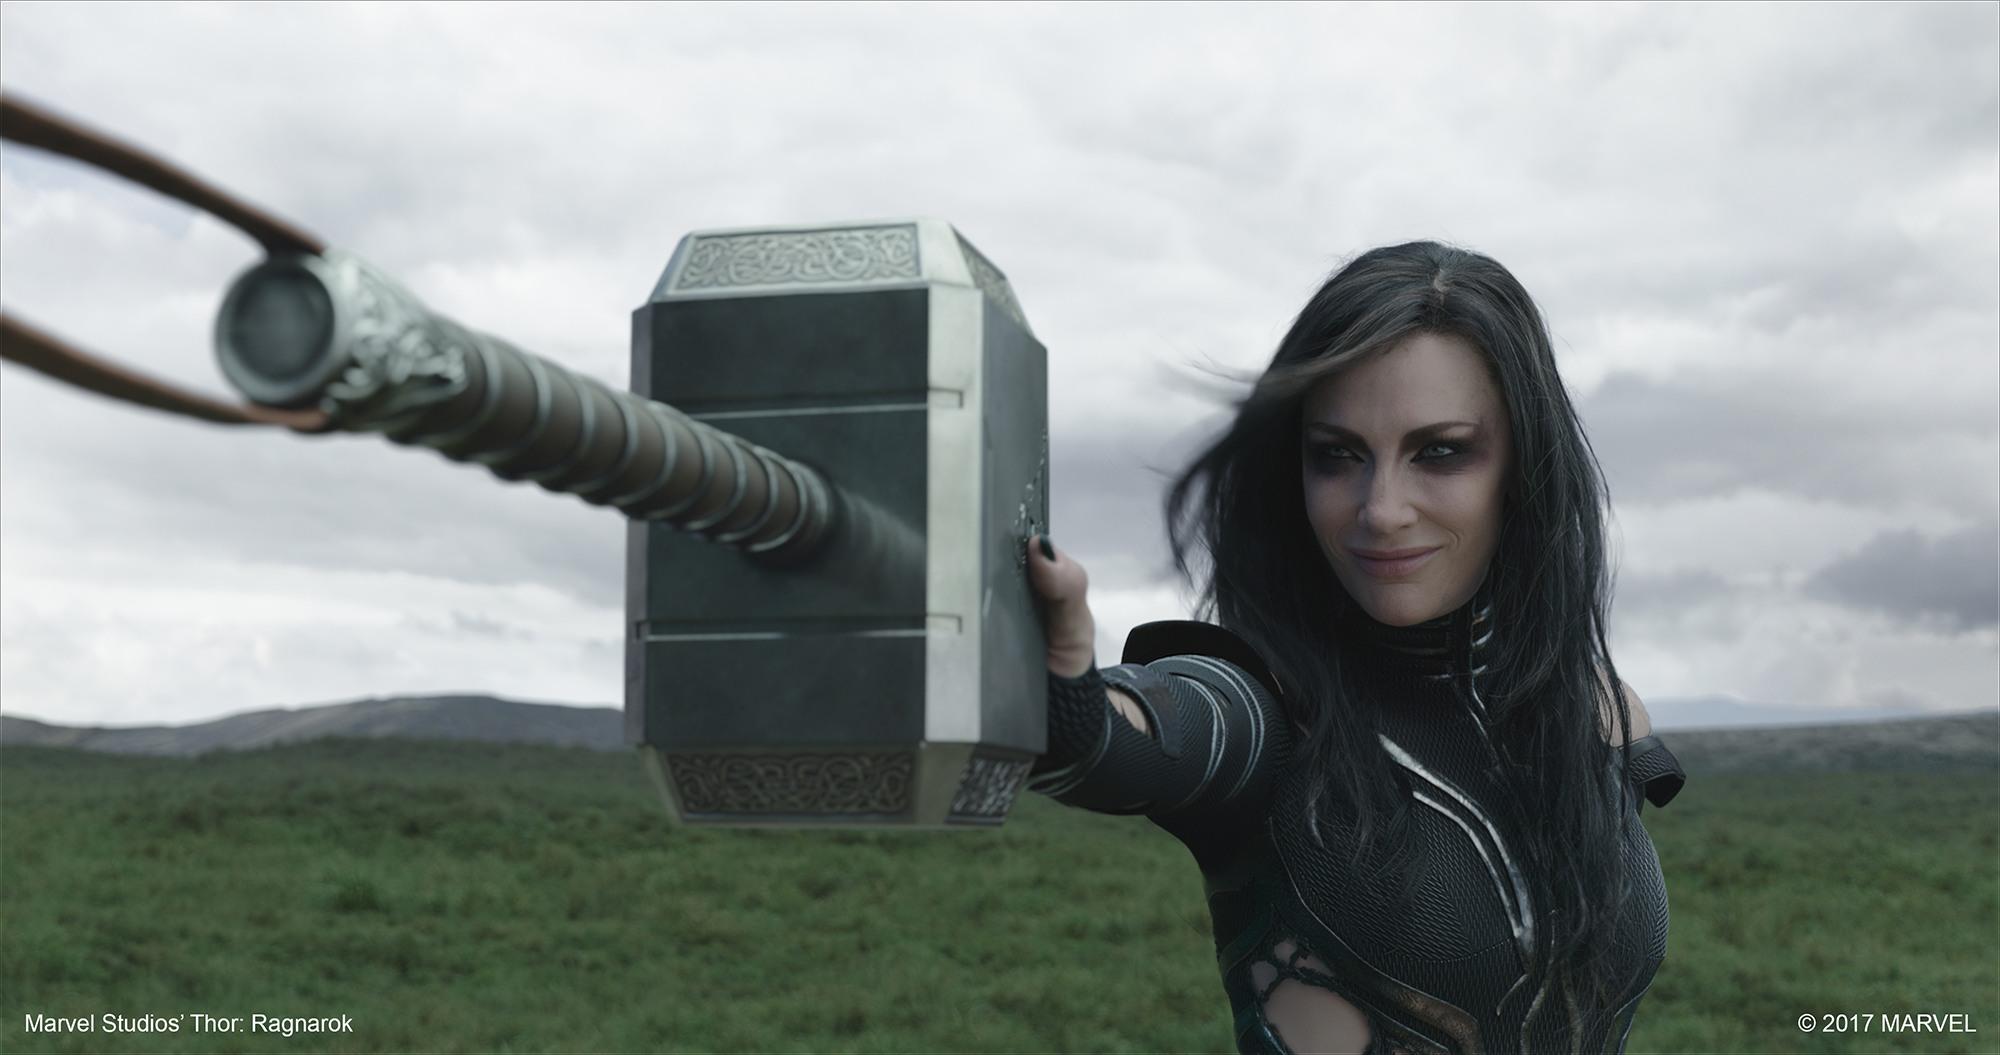 Hela holds back Thor's hammer in Marvel Studios' Thor: Ragnarok (© 2017 Marvel)